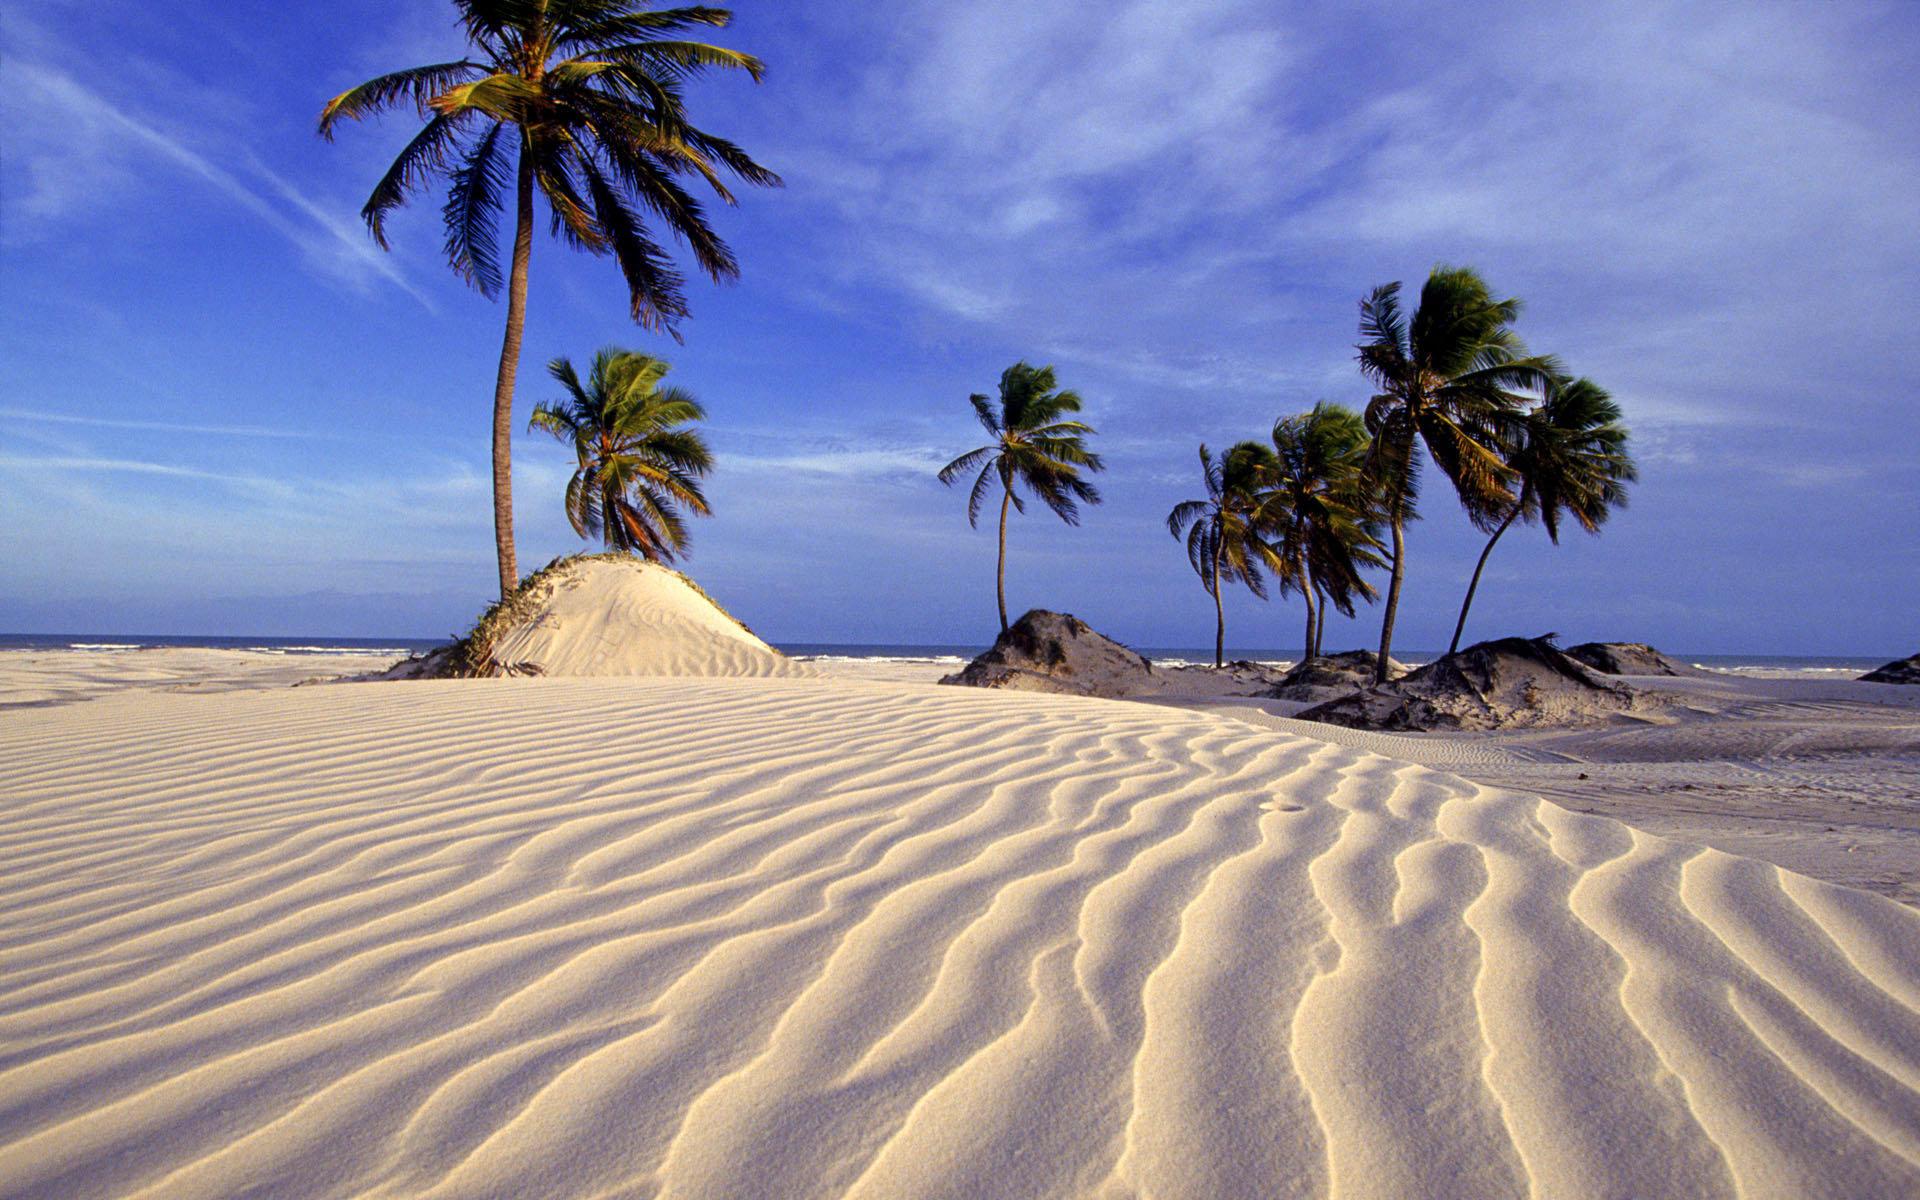 巴西旅游唯美桌面壁纸